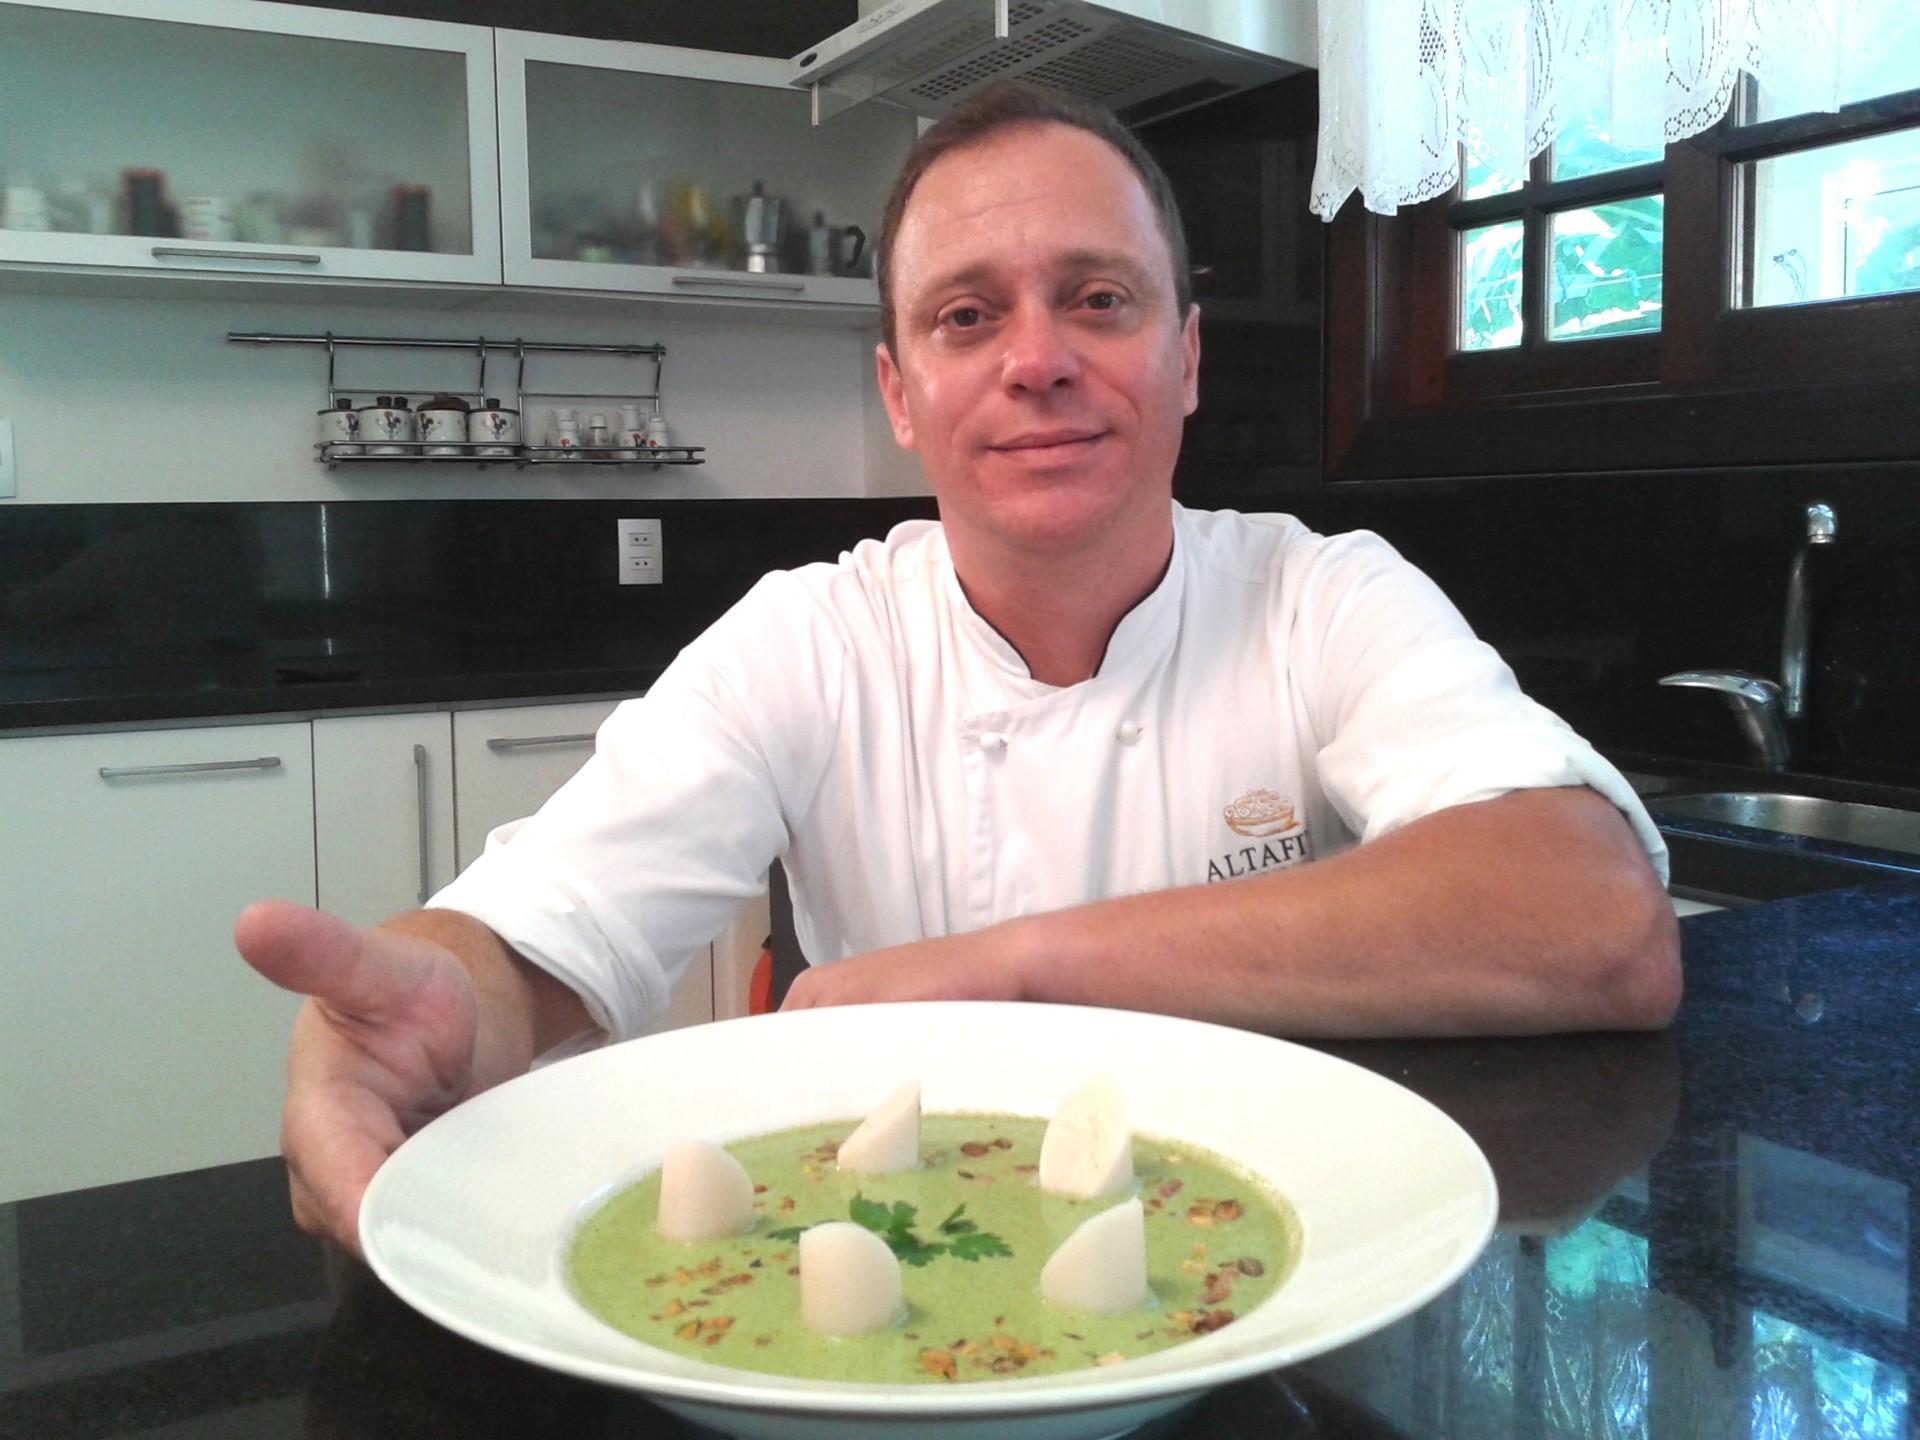 Chef Guilherme Barros ensinou a fazer uma sopa com brócolis (Foto: Juliano Zanotelli/RBS TV)